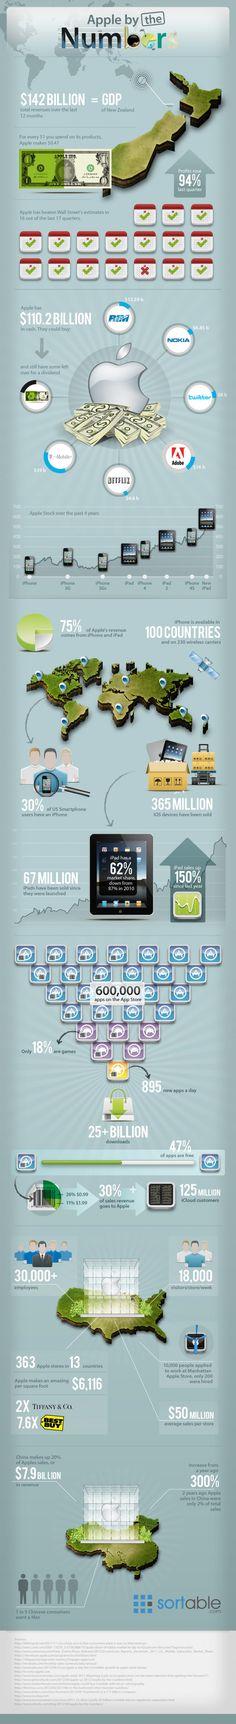 Apple : En chiffres et en image